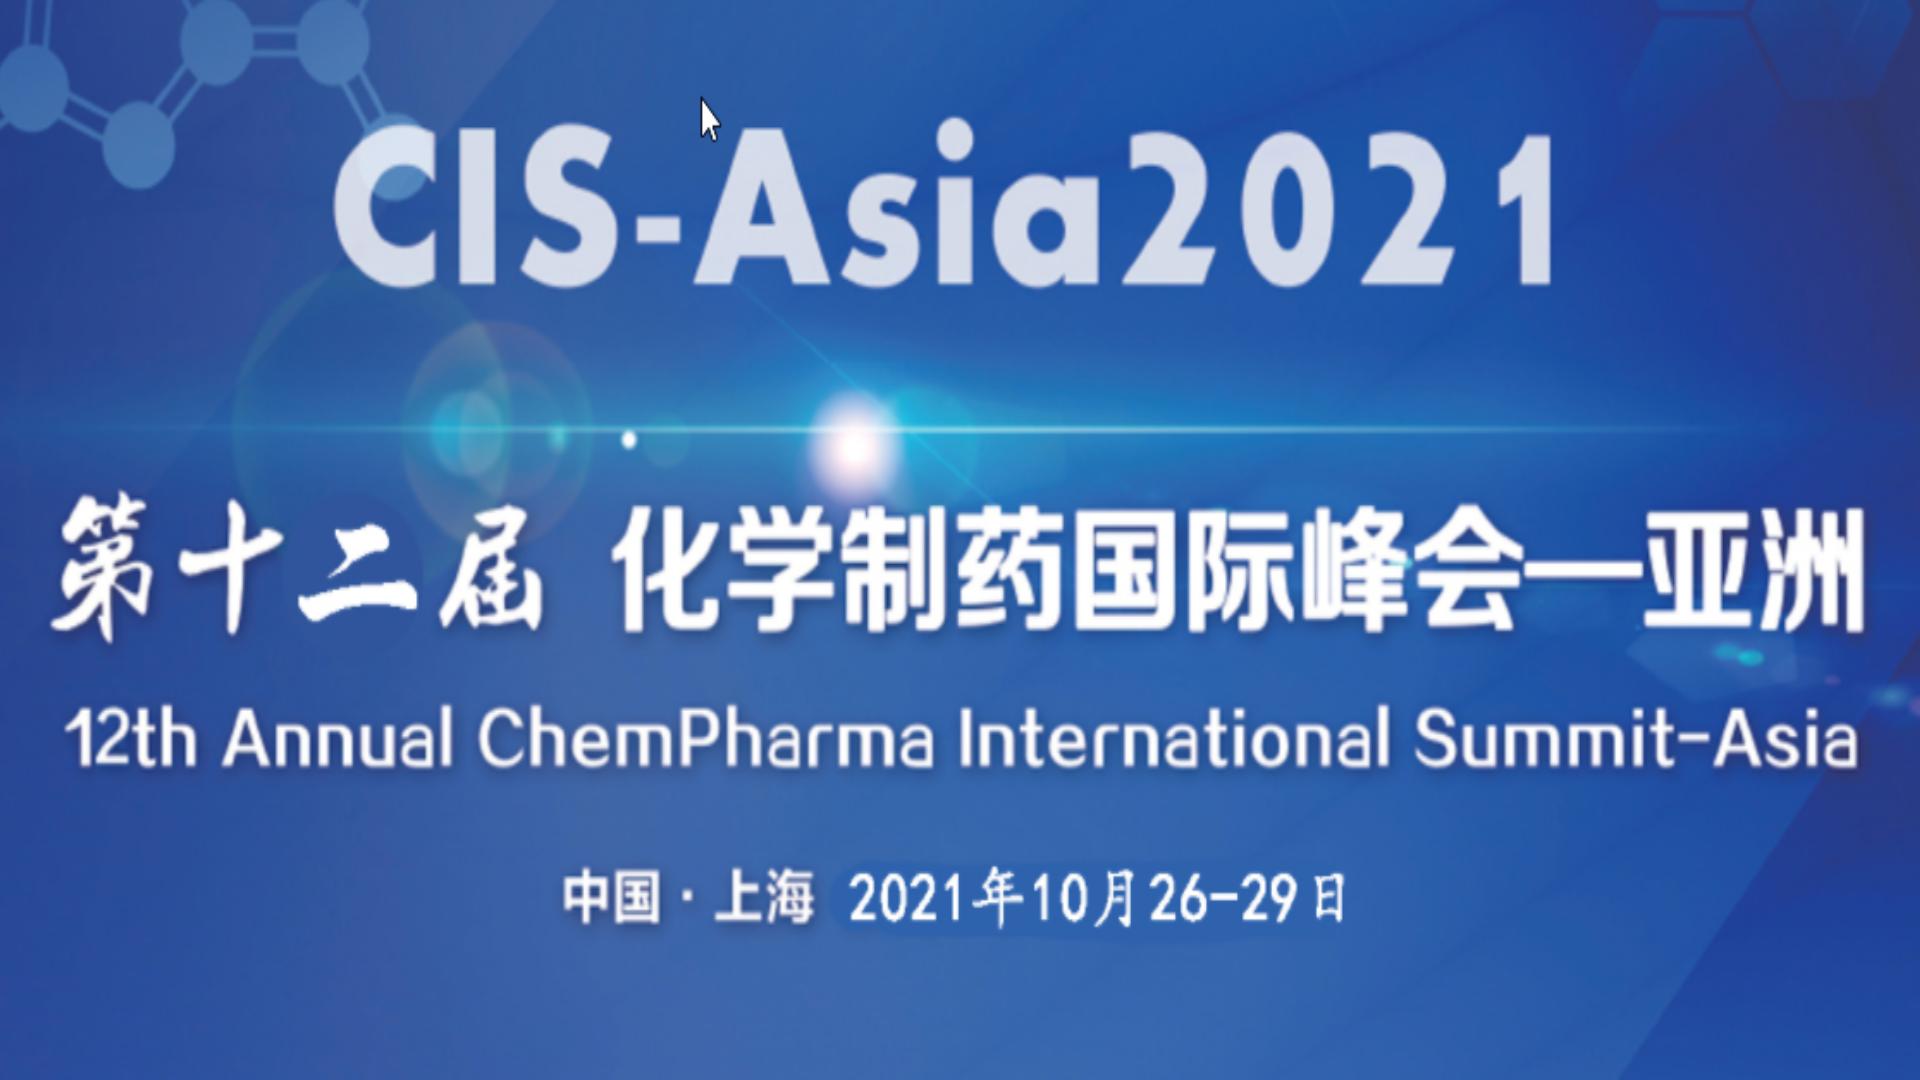 Meet LTS at CIS-Asia 2021 – Peking, China – October 26-29, 2021